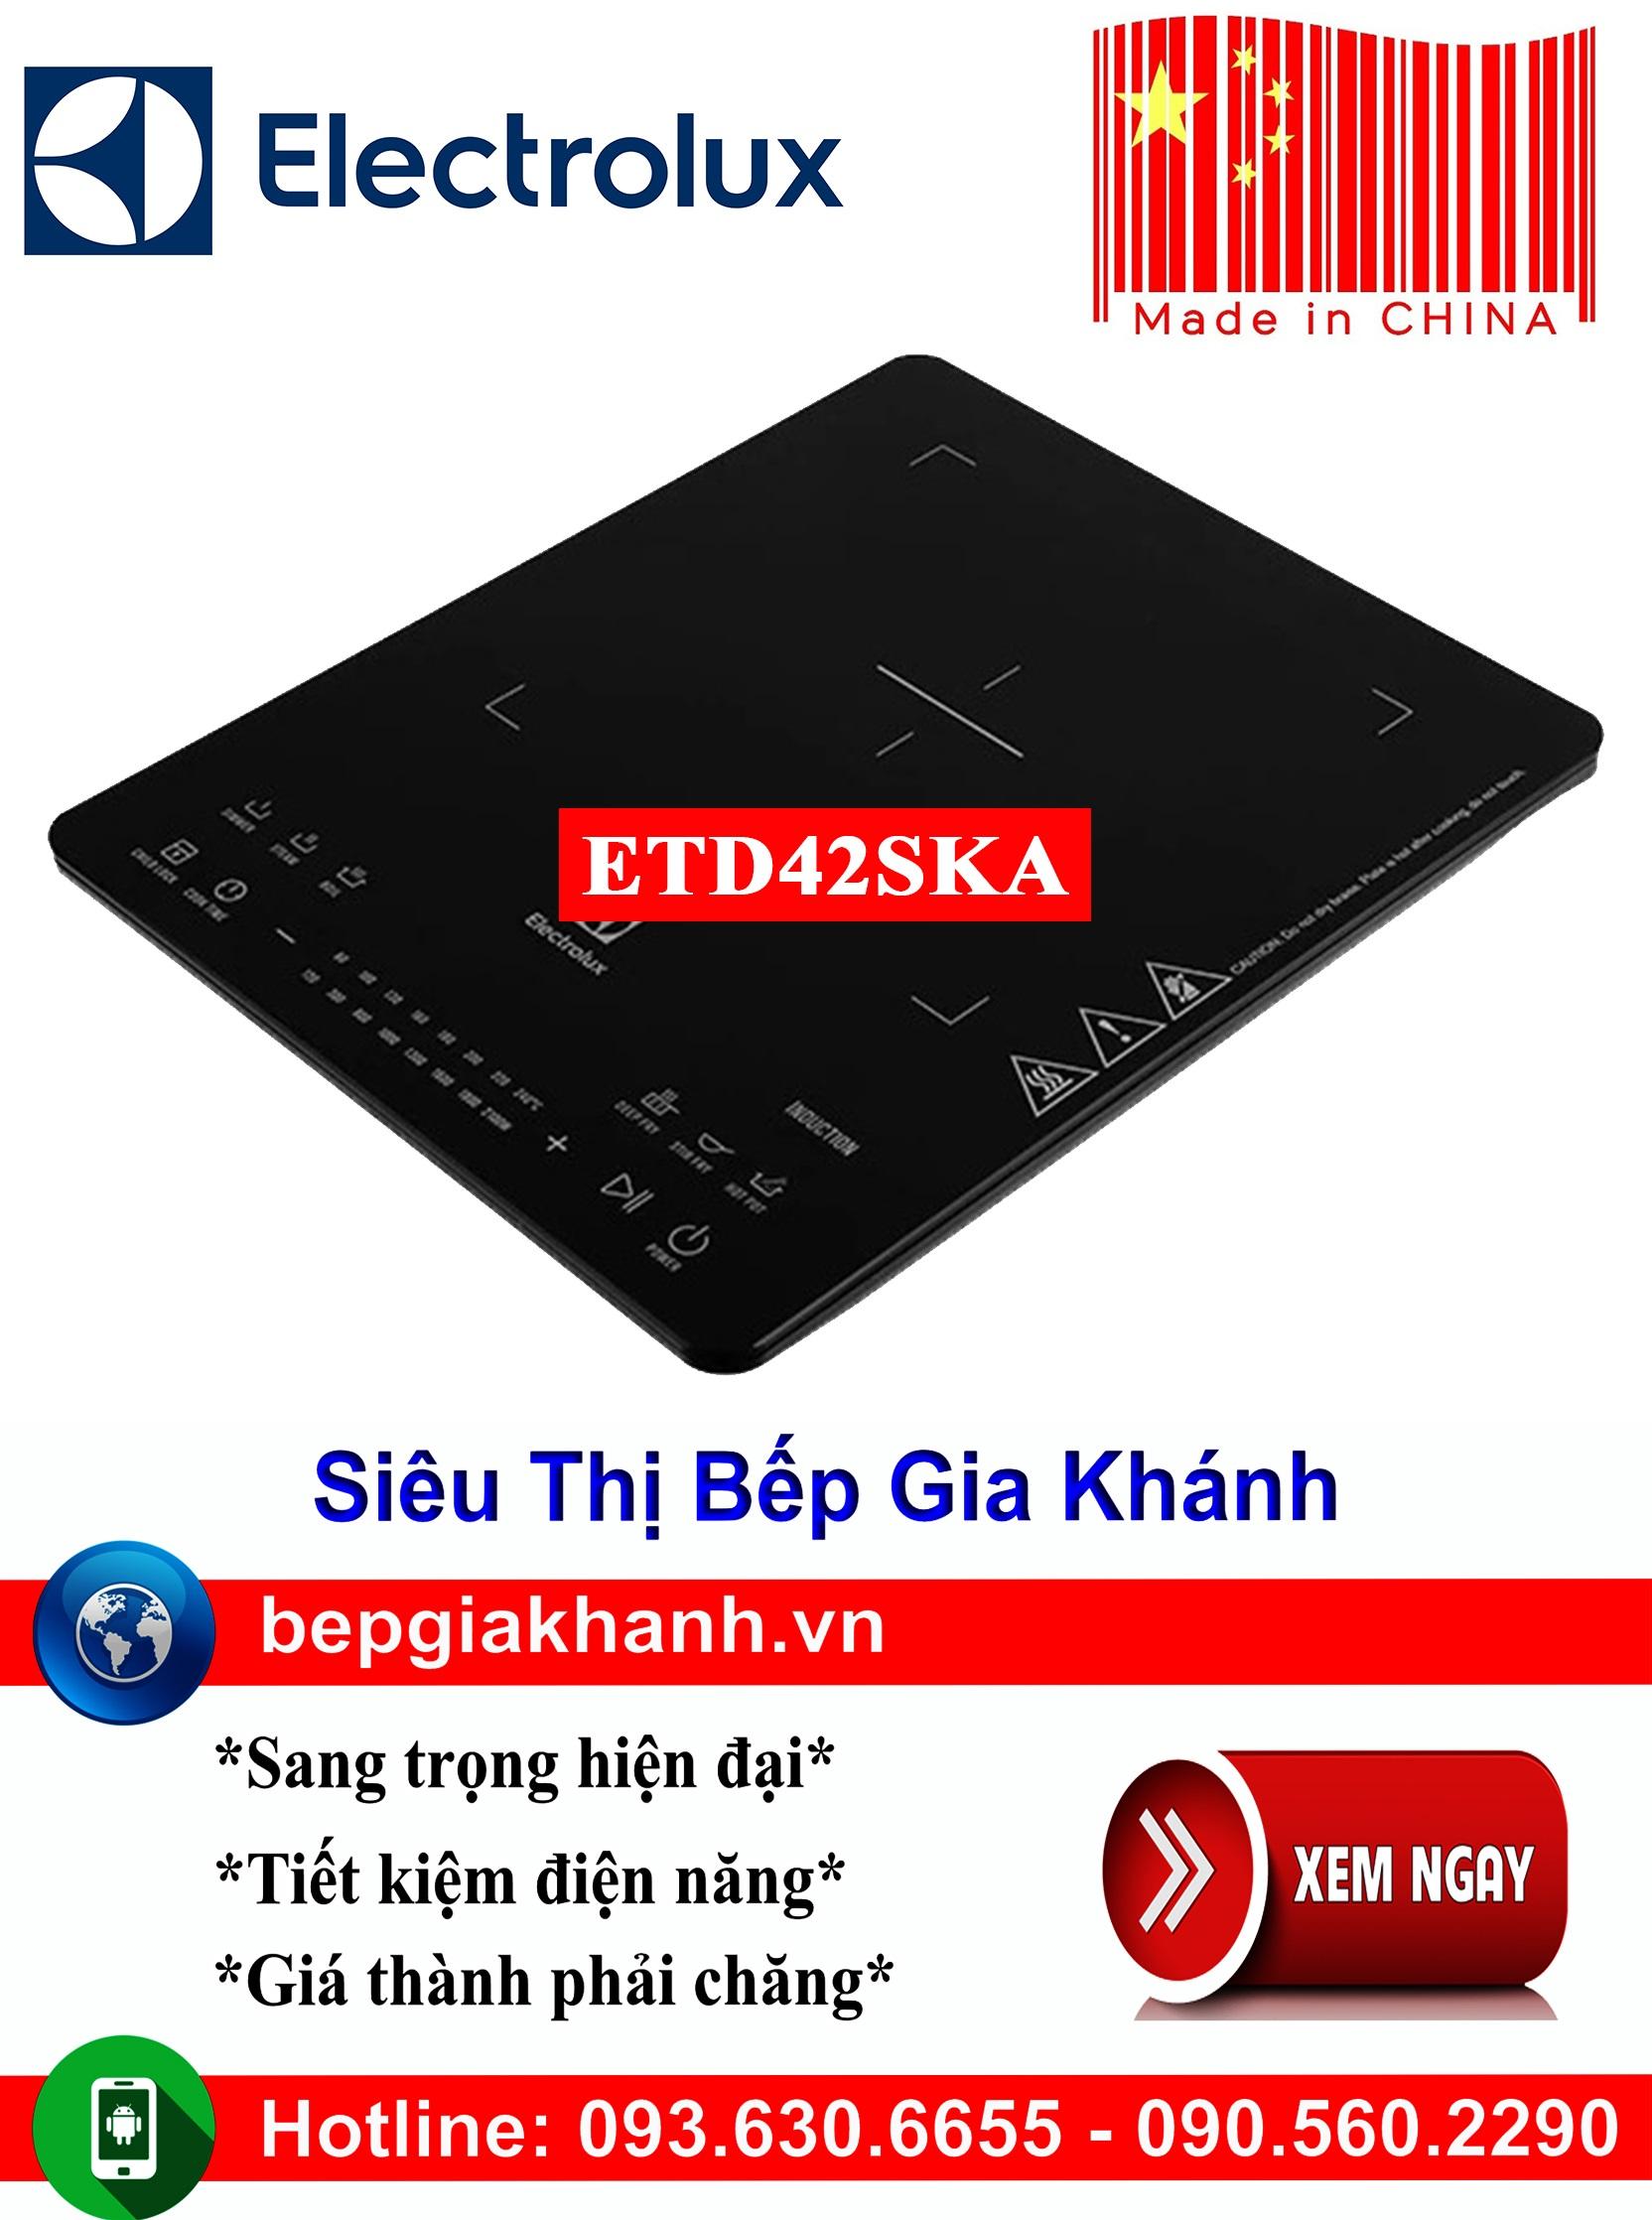 [HCM]Bếp từ đơn Electrolux ETD42SKA sản xuất Trung Quốc bếp từ bếp điện từ bếp từ đôi bếp điện từ đôi bếp từ giá rẻ bếp điện từ giá rẻ bếp từ đơn bep tu don bep tu